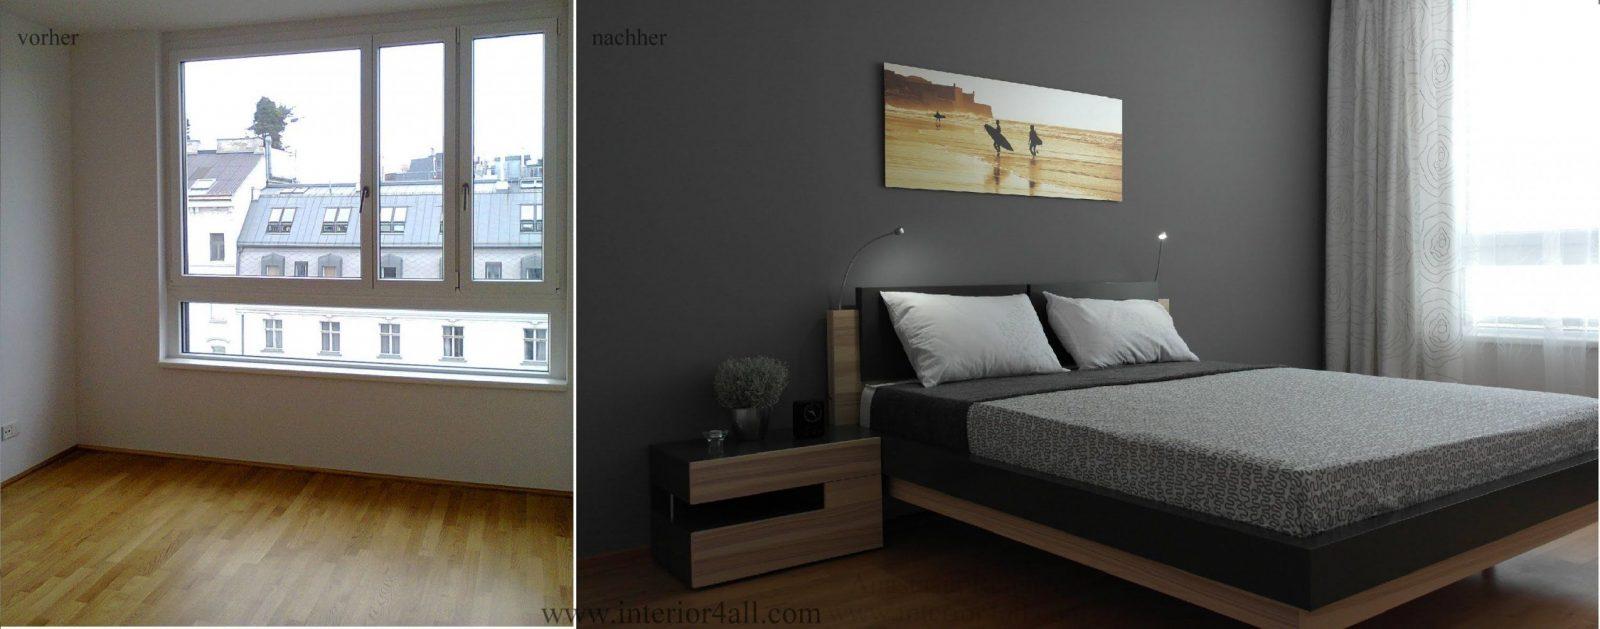 Cool Design Schlafzimmer Farblich Gestalten  Home Design Ideas von Schlafzimmer Wände Farblich Gestalten Bild